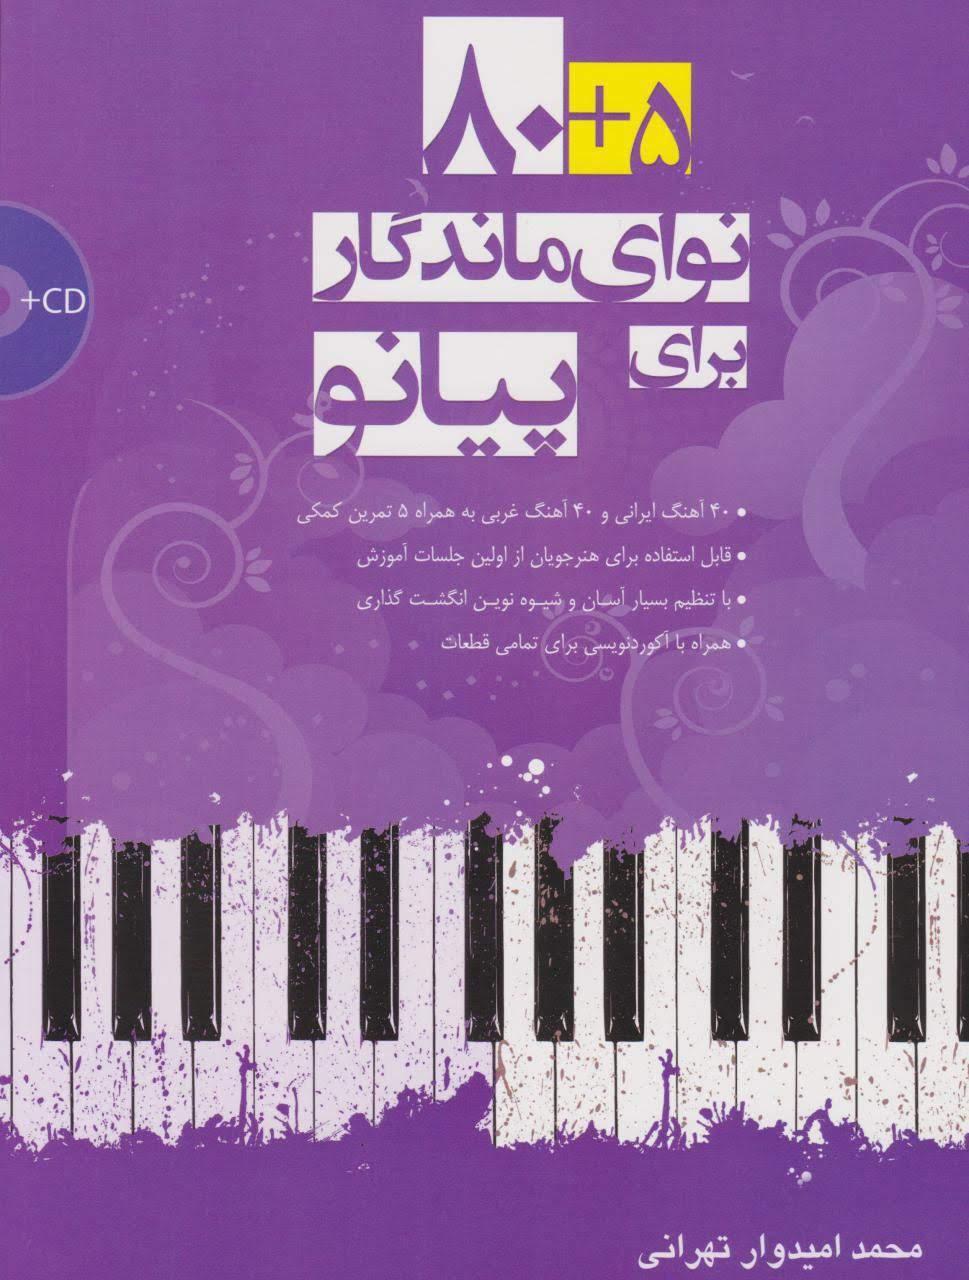 کتاب ۸۰+۵ (۸۵) نوای ماندگار پیانو محمد امیدوار تهرانی با سیدی انتشارات مولف